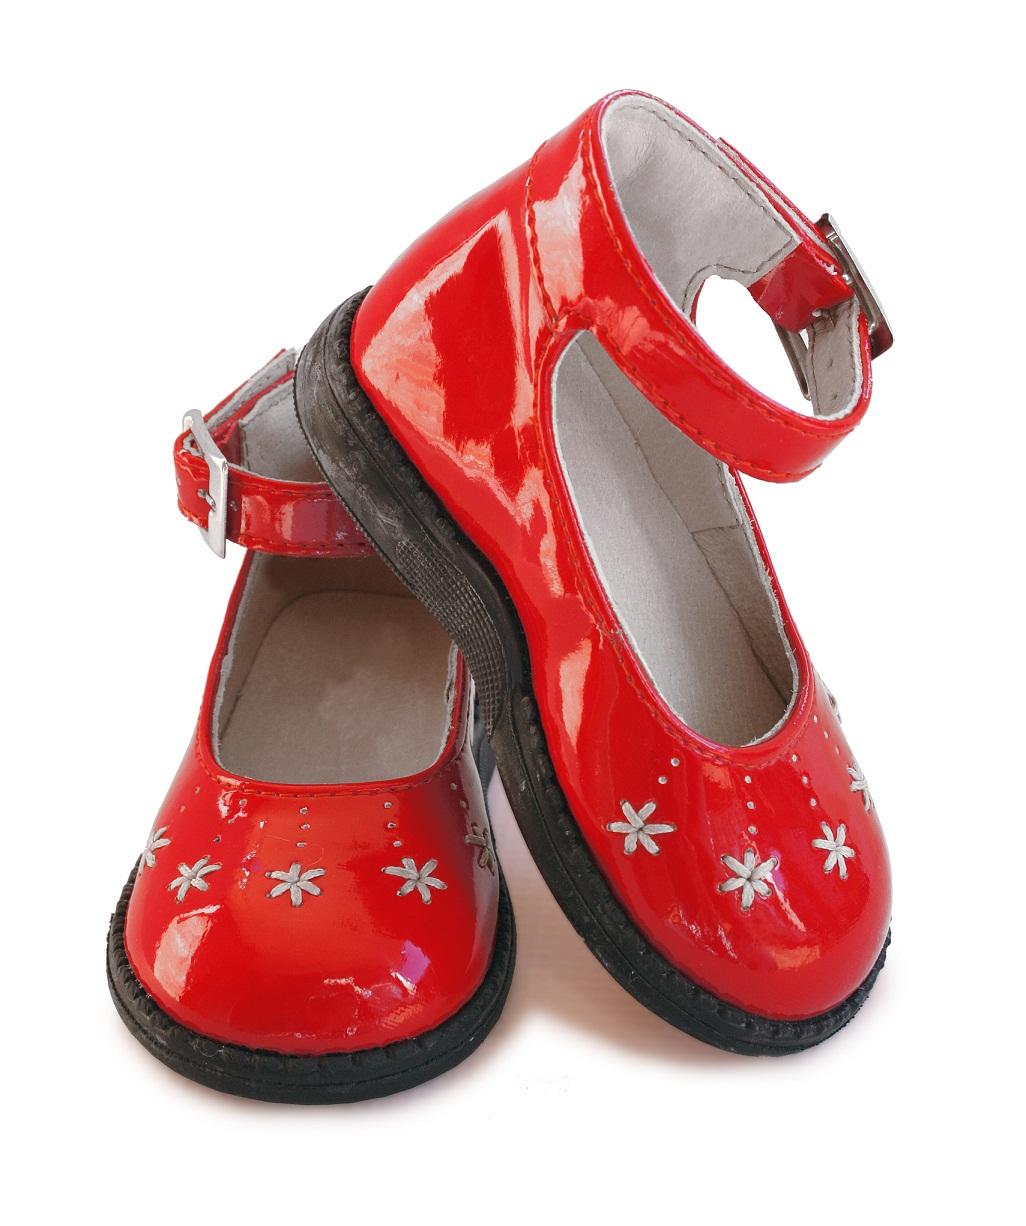 Детская обувь по хорошей цене ca65da027e0